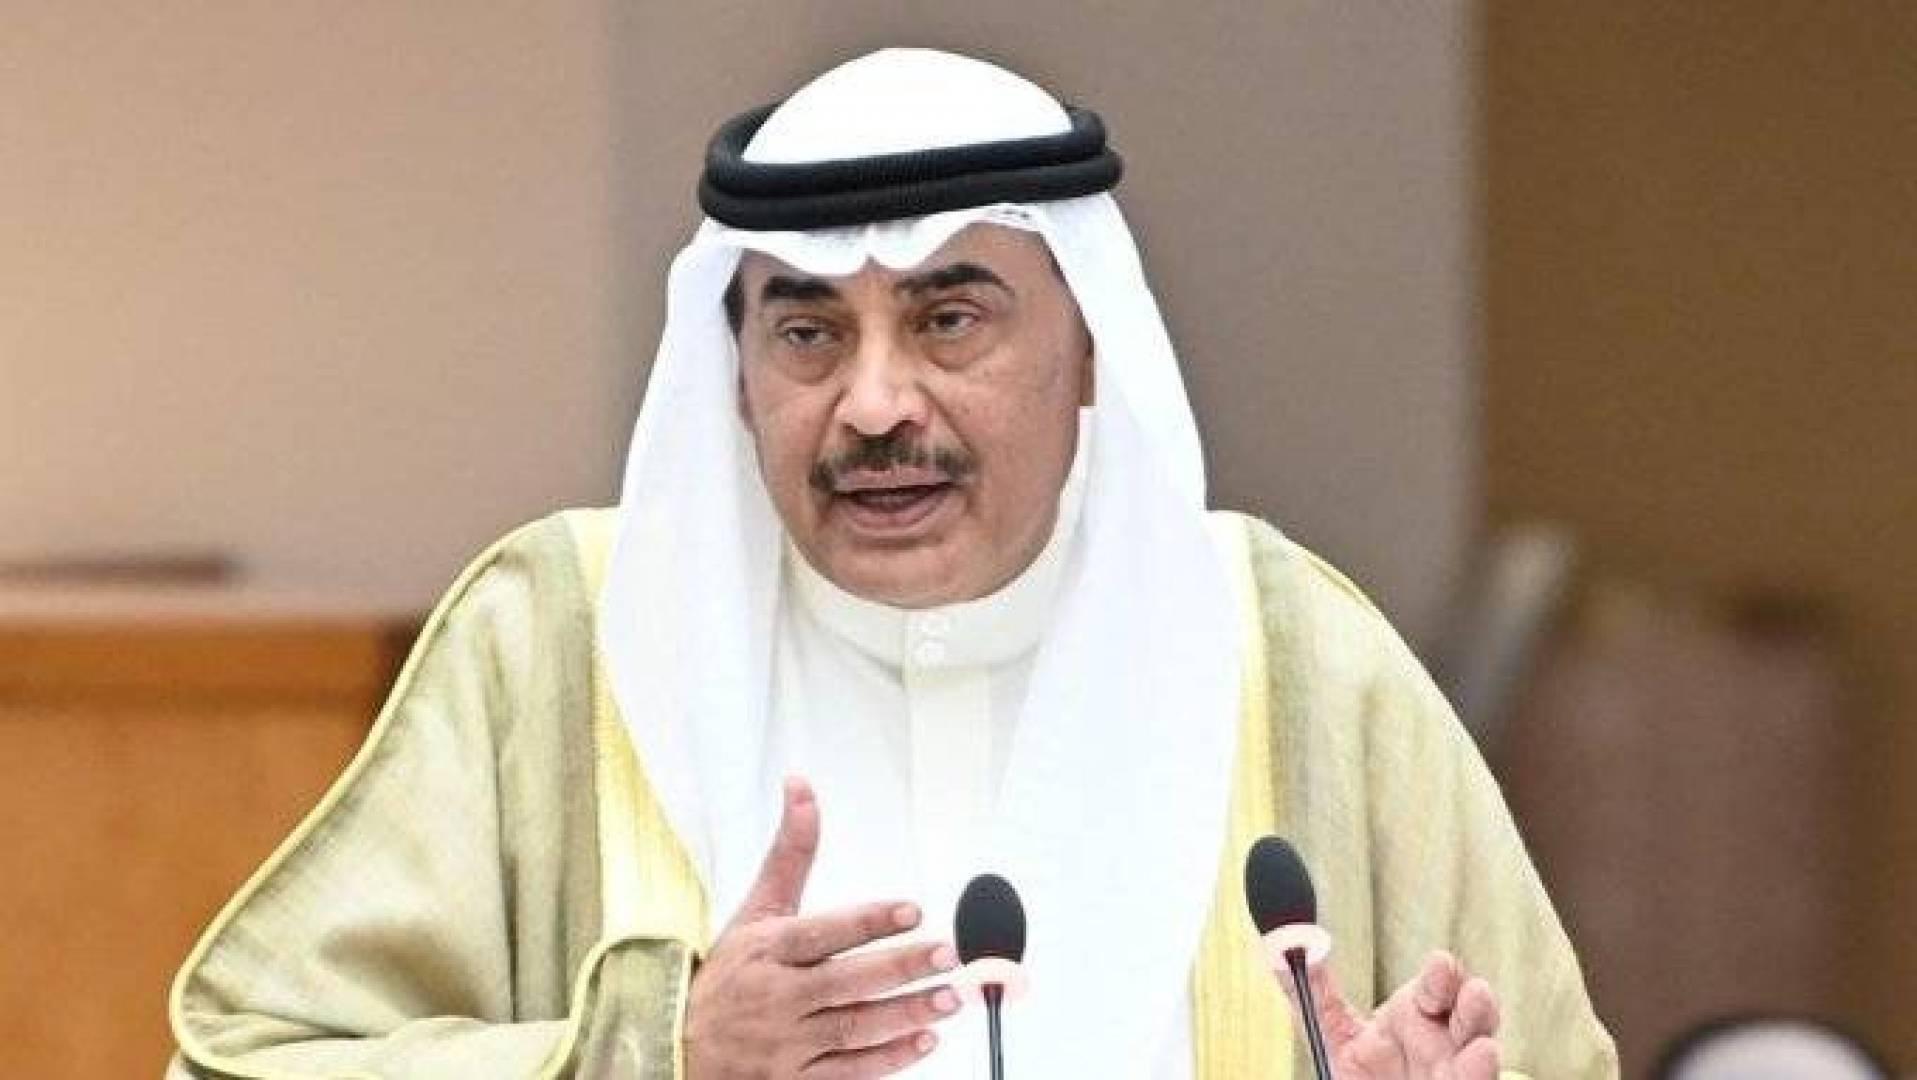 رئيس الوزراء: أشكر الشيخ ناصر الصباح على مساعيه لسد الثغرات أمام الفاسدين